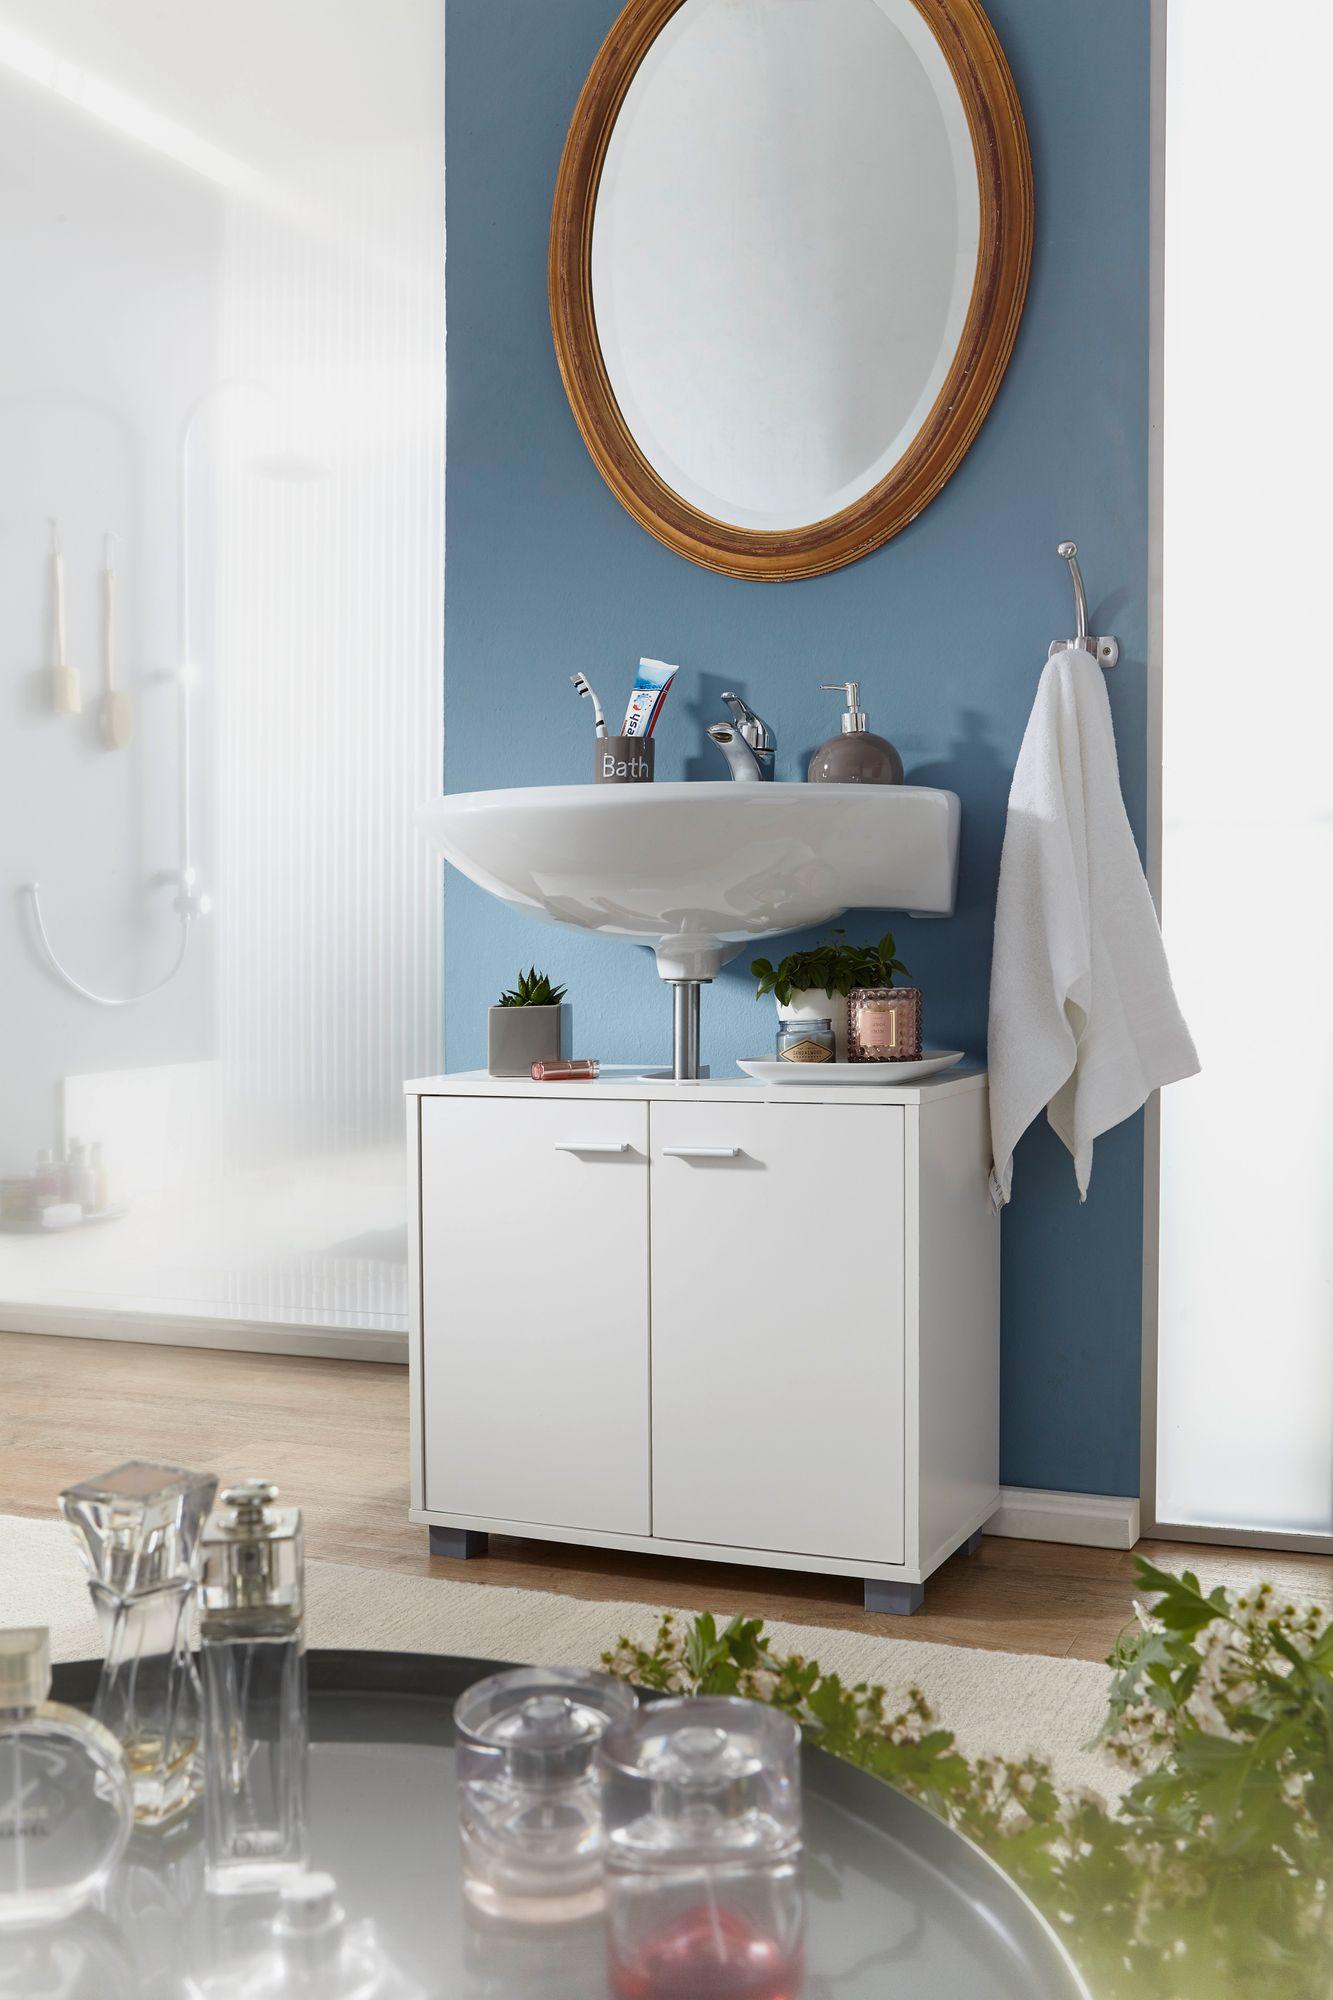 Finebuy Waschbeckenunterschrank Fb37117 Waschtischunterschrank